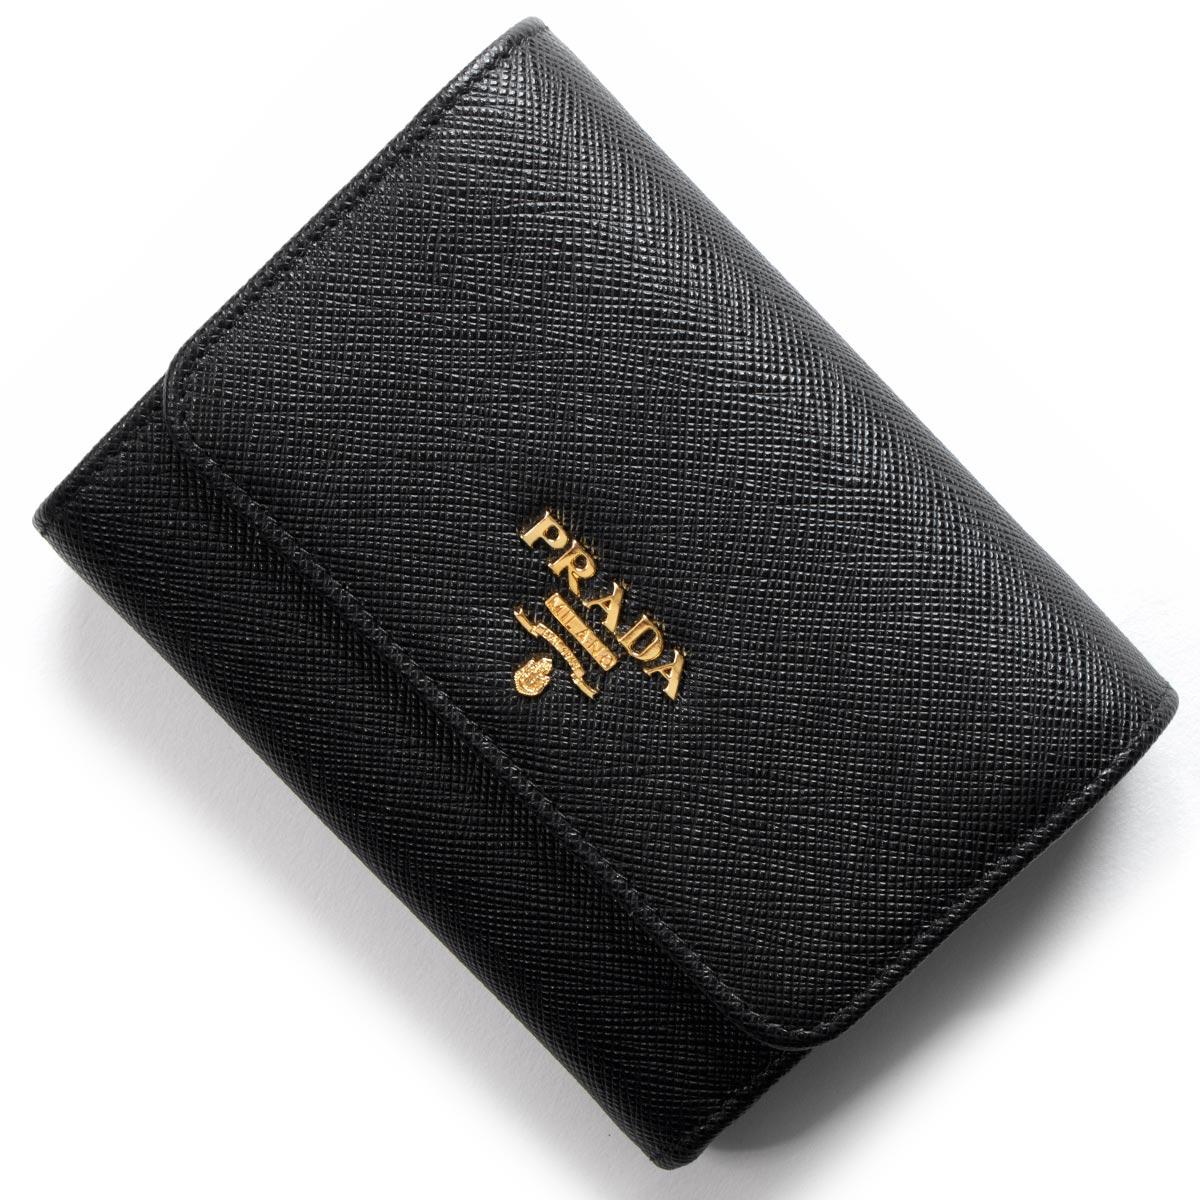 プラダ 三つ折り財布 財布 レディース サフィアーノ メタル ブラック 1MH840 QWA F0002 PRADA